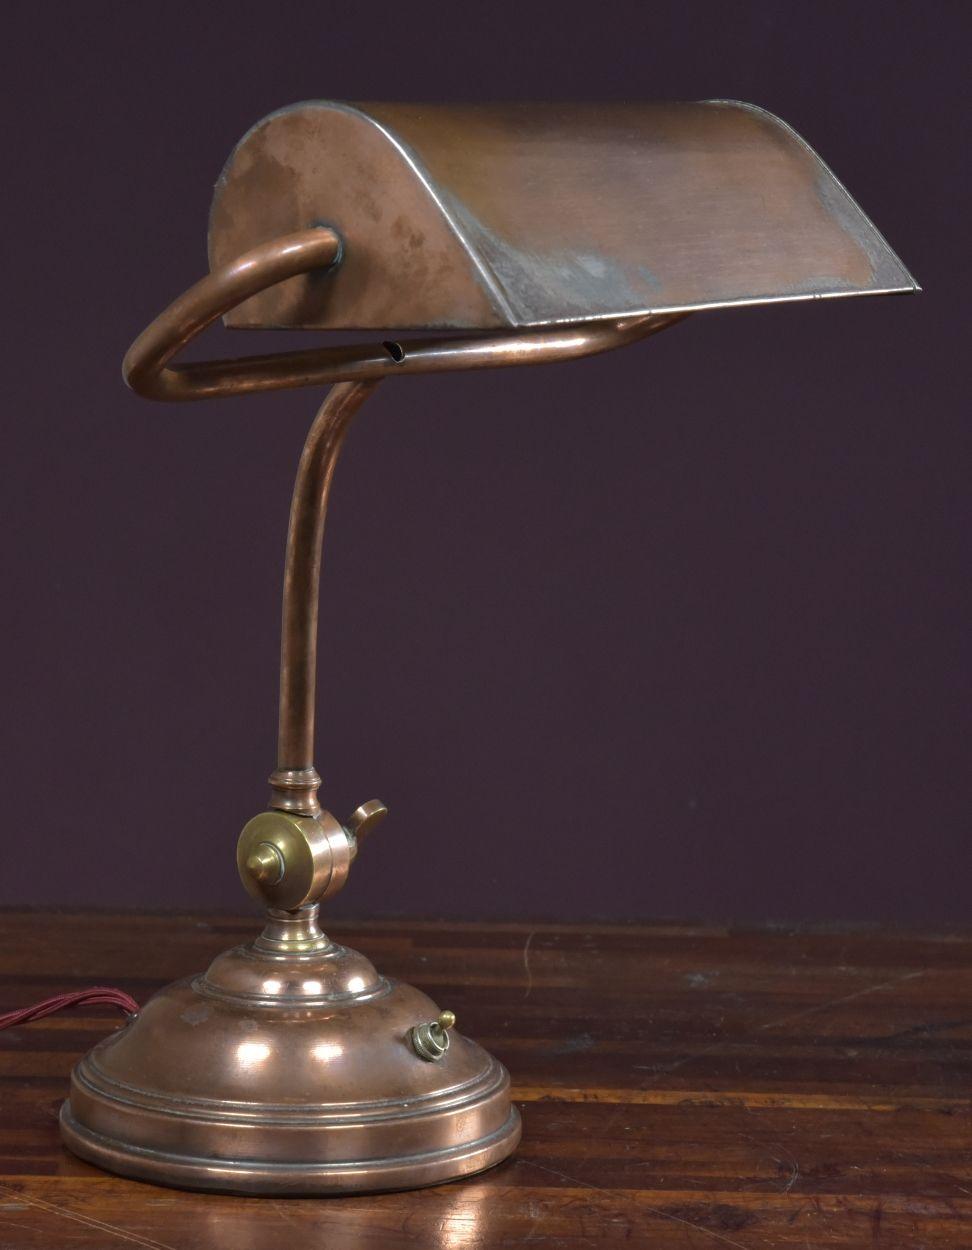 ANTIQUE BANKERS DESK LAMP -haes-antiques -DSC_2643CR_main_636327808443060282.jpg - ANTIQUE BANKERS DESK LAMP -haes-antiques